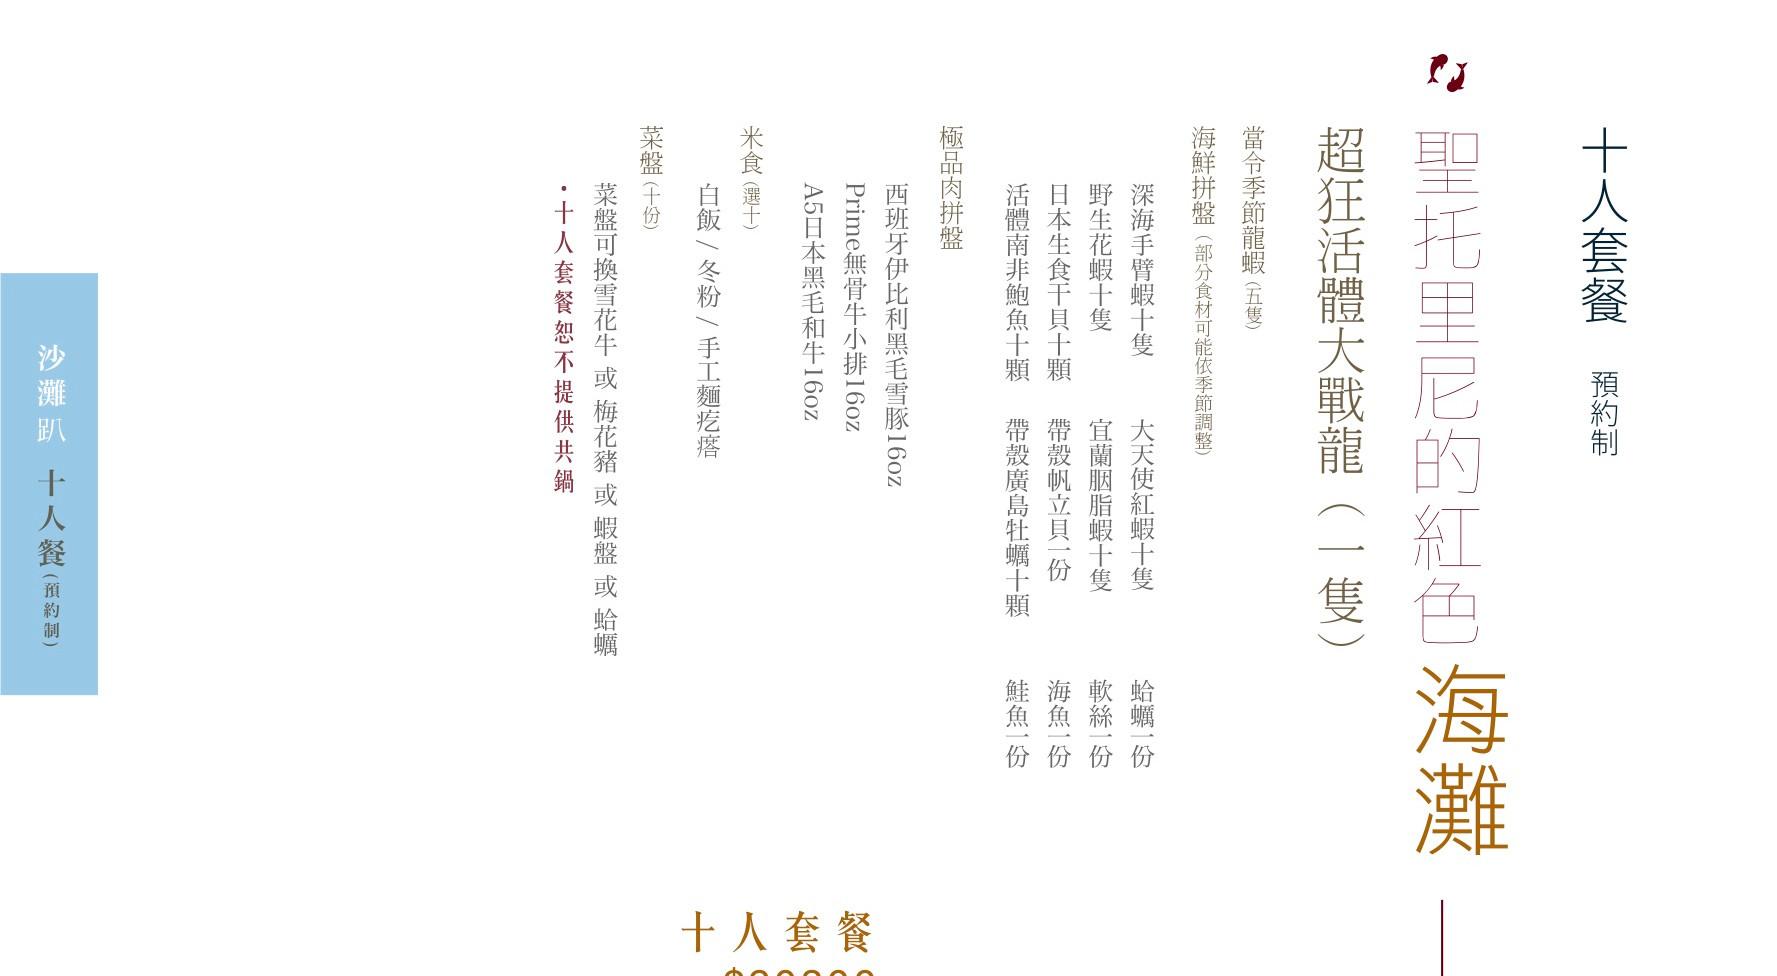 花花世界鍋物 MENU P19 (2019-12).jpg